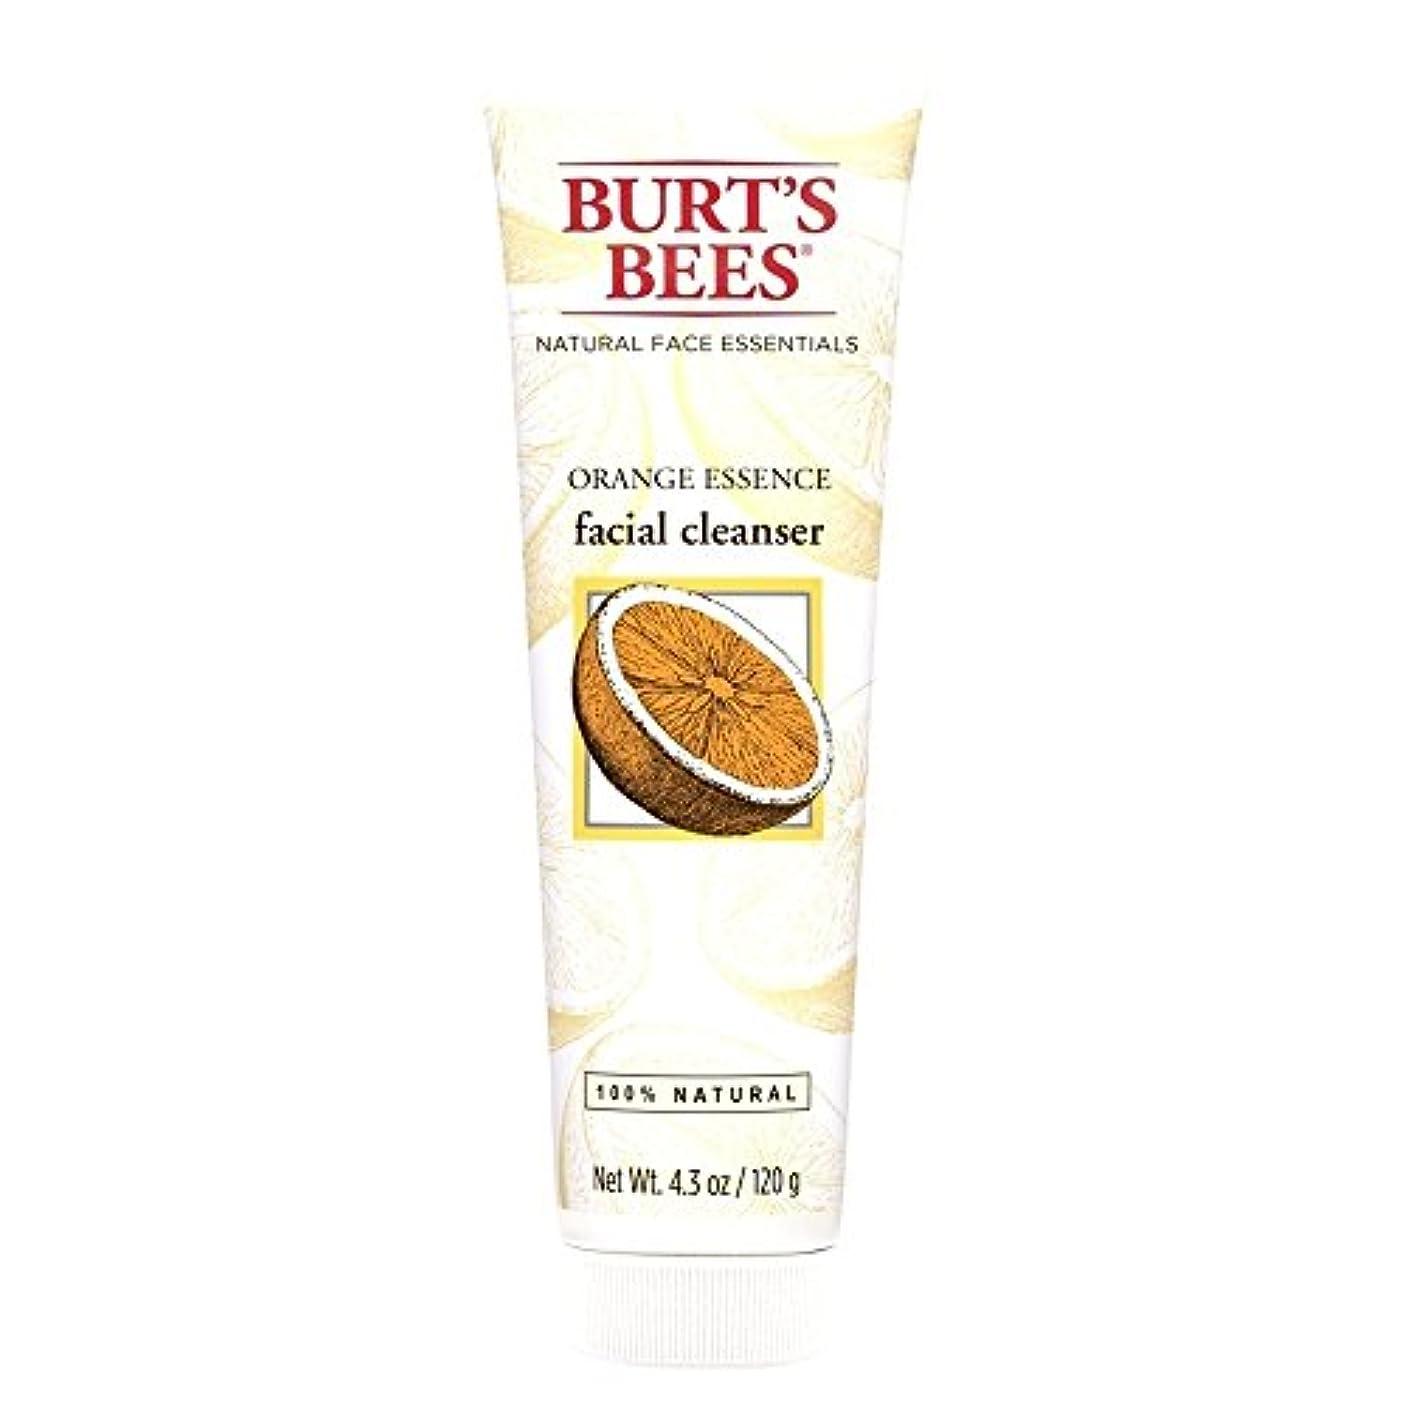 フレッシュ表示ジェスチャーバーツビーオレンジエッセンス洗顔料、125グラム (Burt's Bees) (x6) - Burt's Bees Orange Essence Facial Cleanser, 125g (Pack of 6) [並行輸入品]